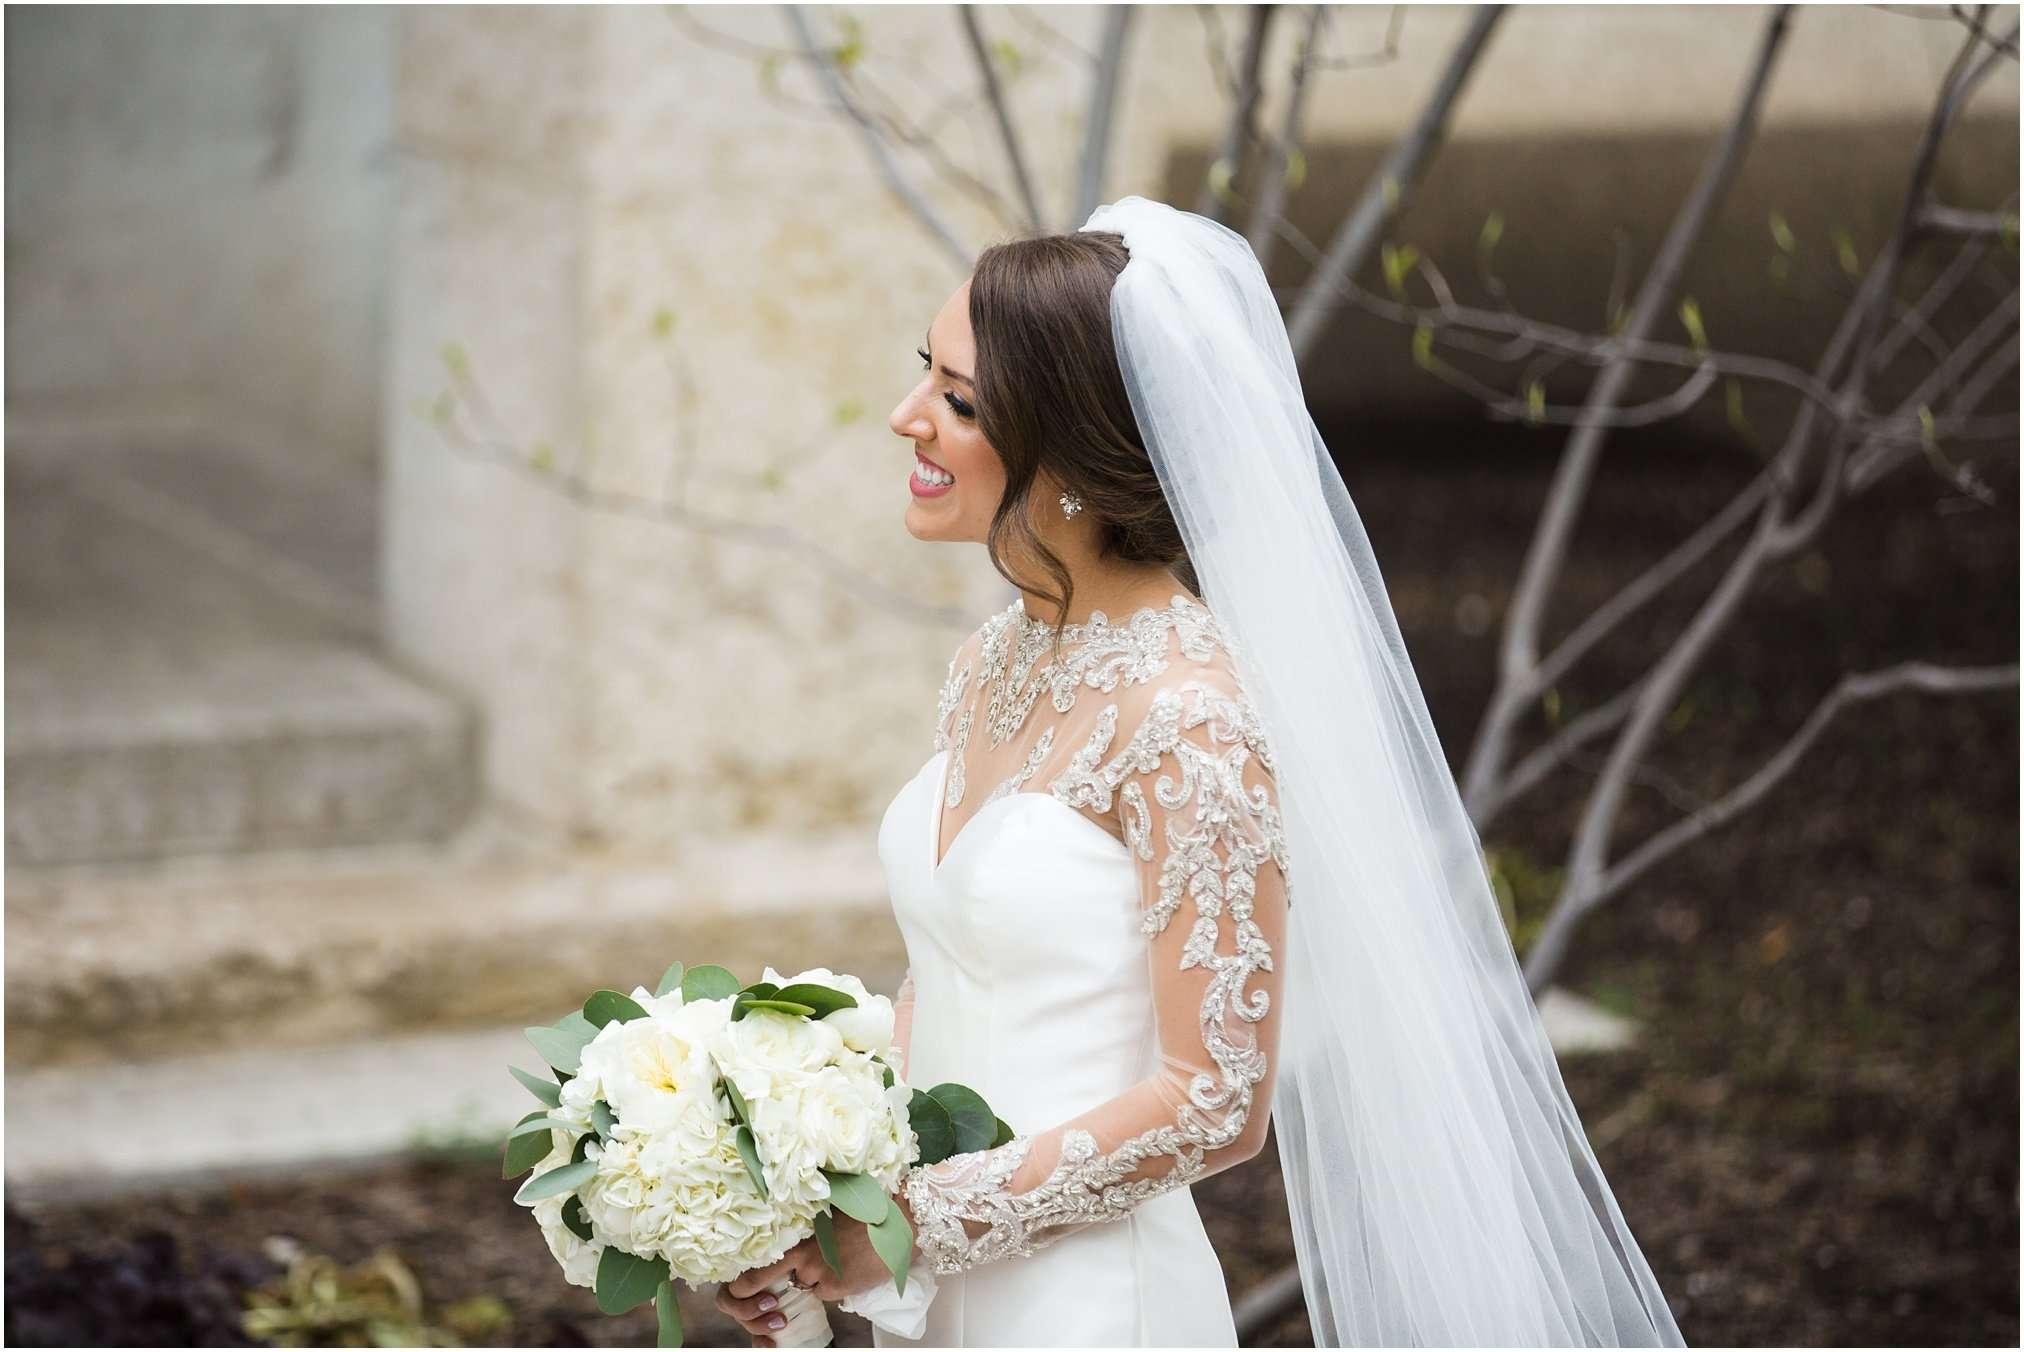 Spring Wedding at the Ohio Statehouse | Columbus Ohio Photography 26